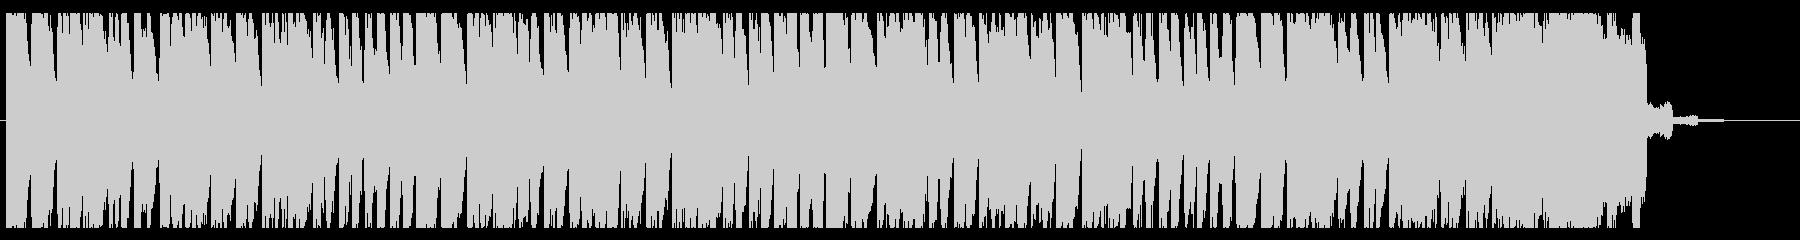 爽やか/トロピカルポップ_No389_4の未再生の波形